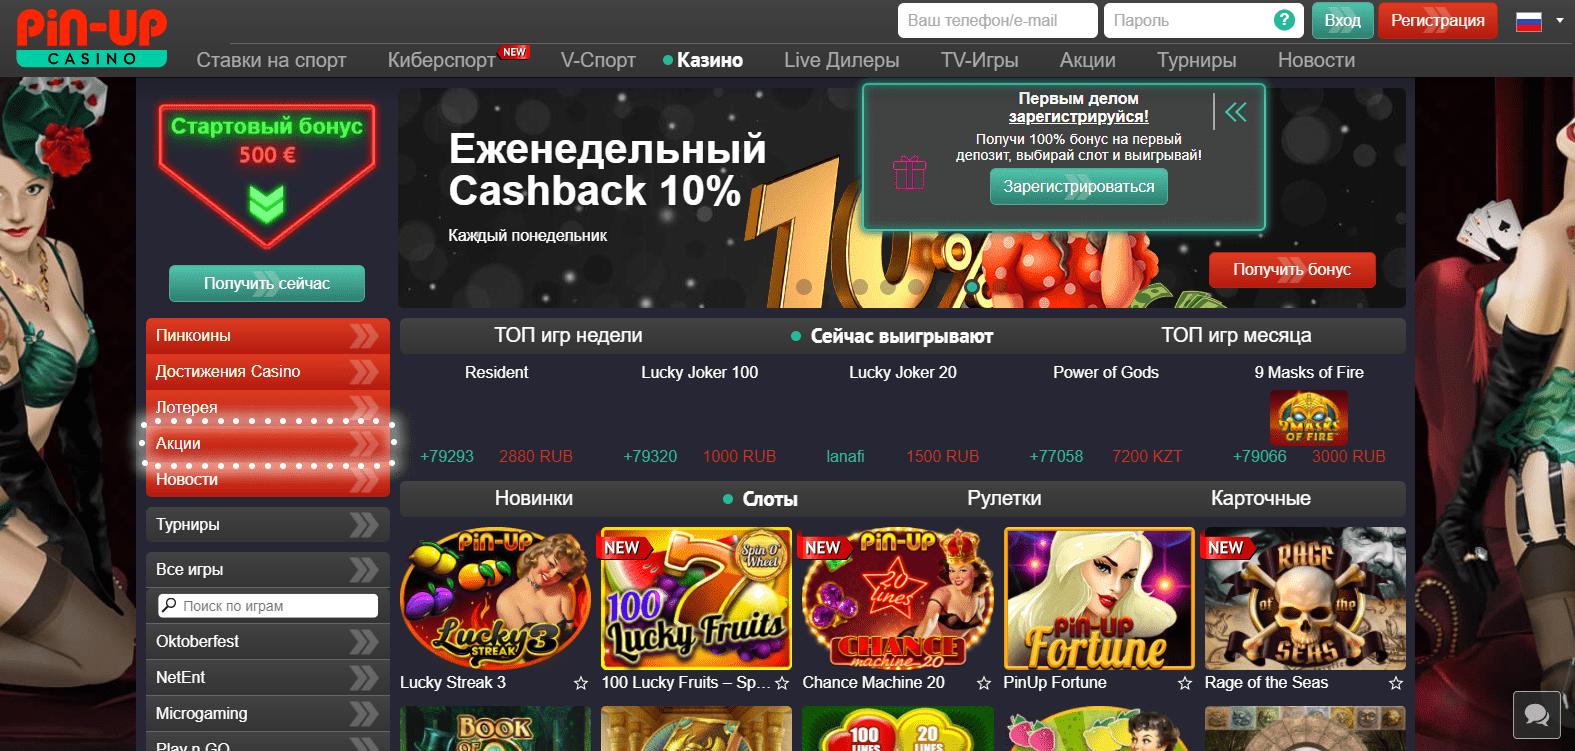 Игровые автоматы pin up отзывы рейтинг слотов рф бесплатные онлайн игровые автоматы ешки